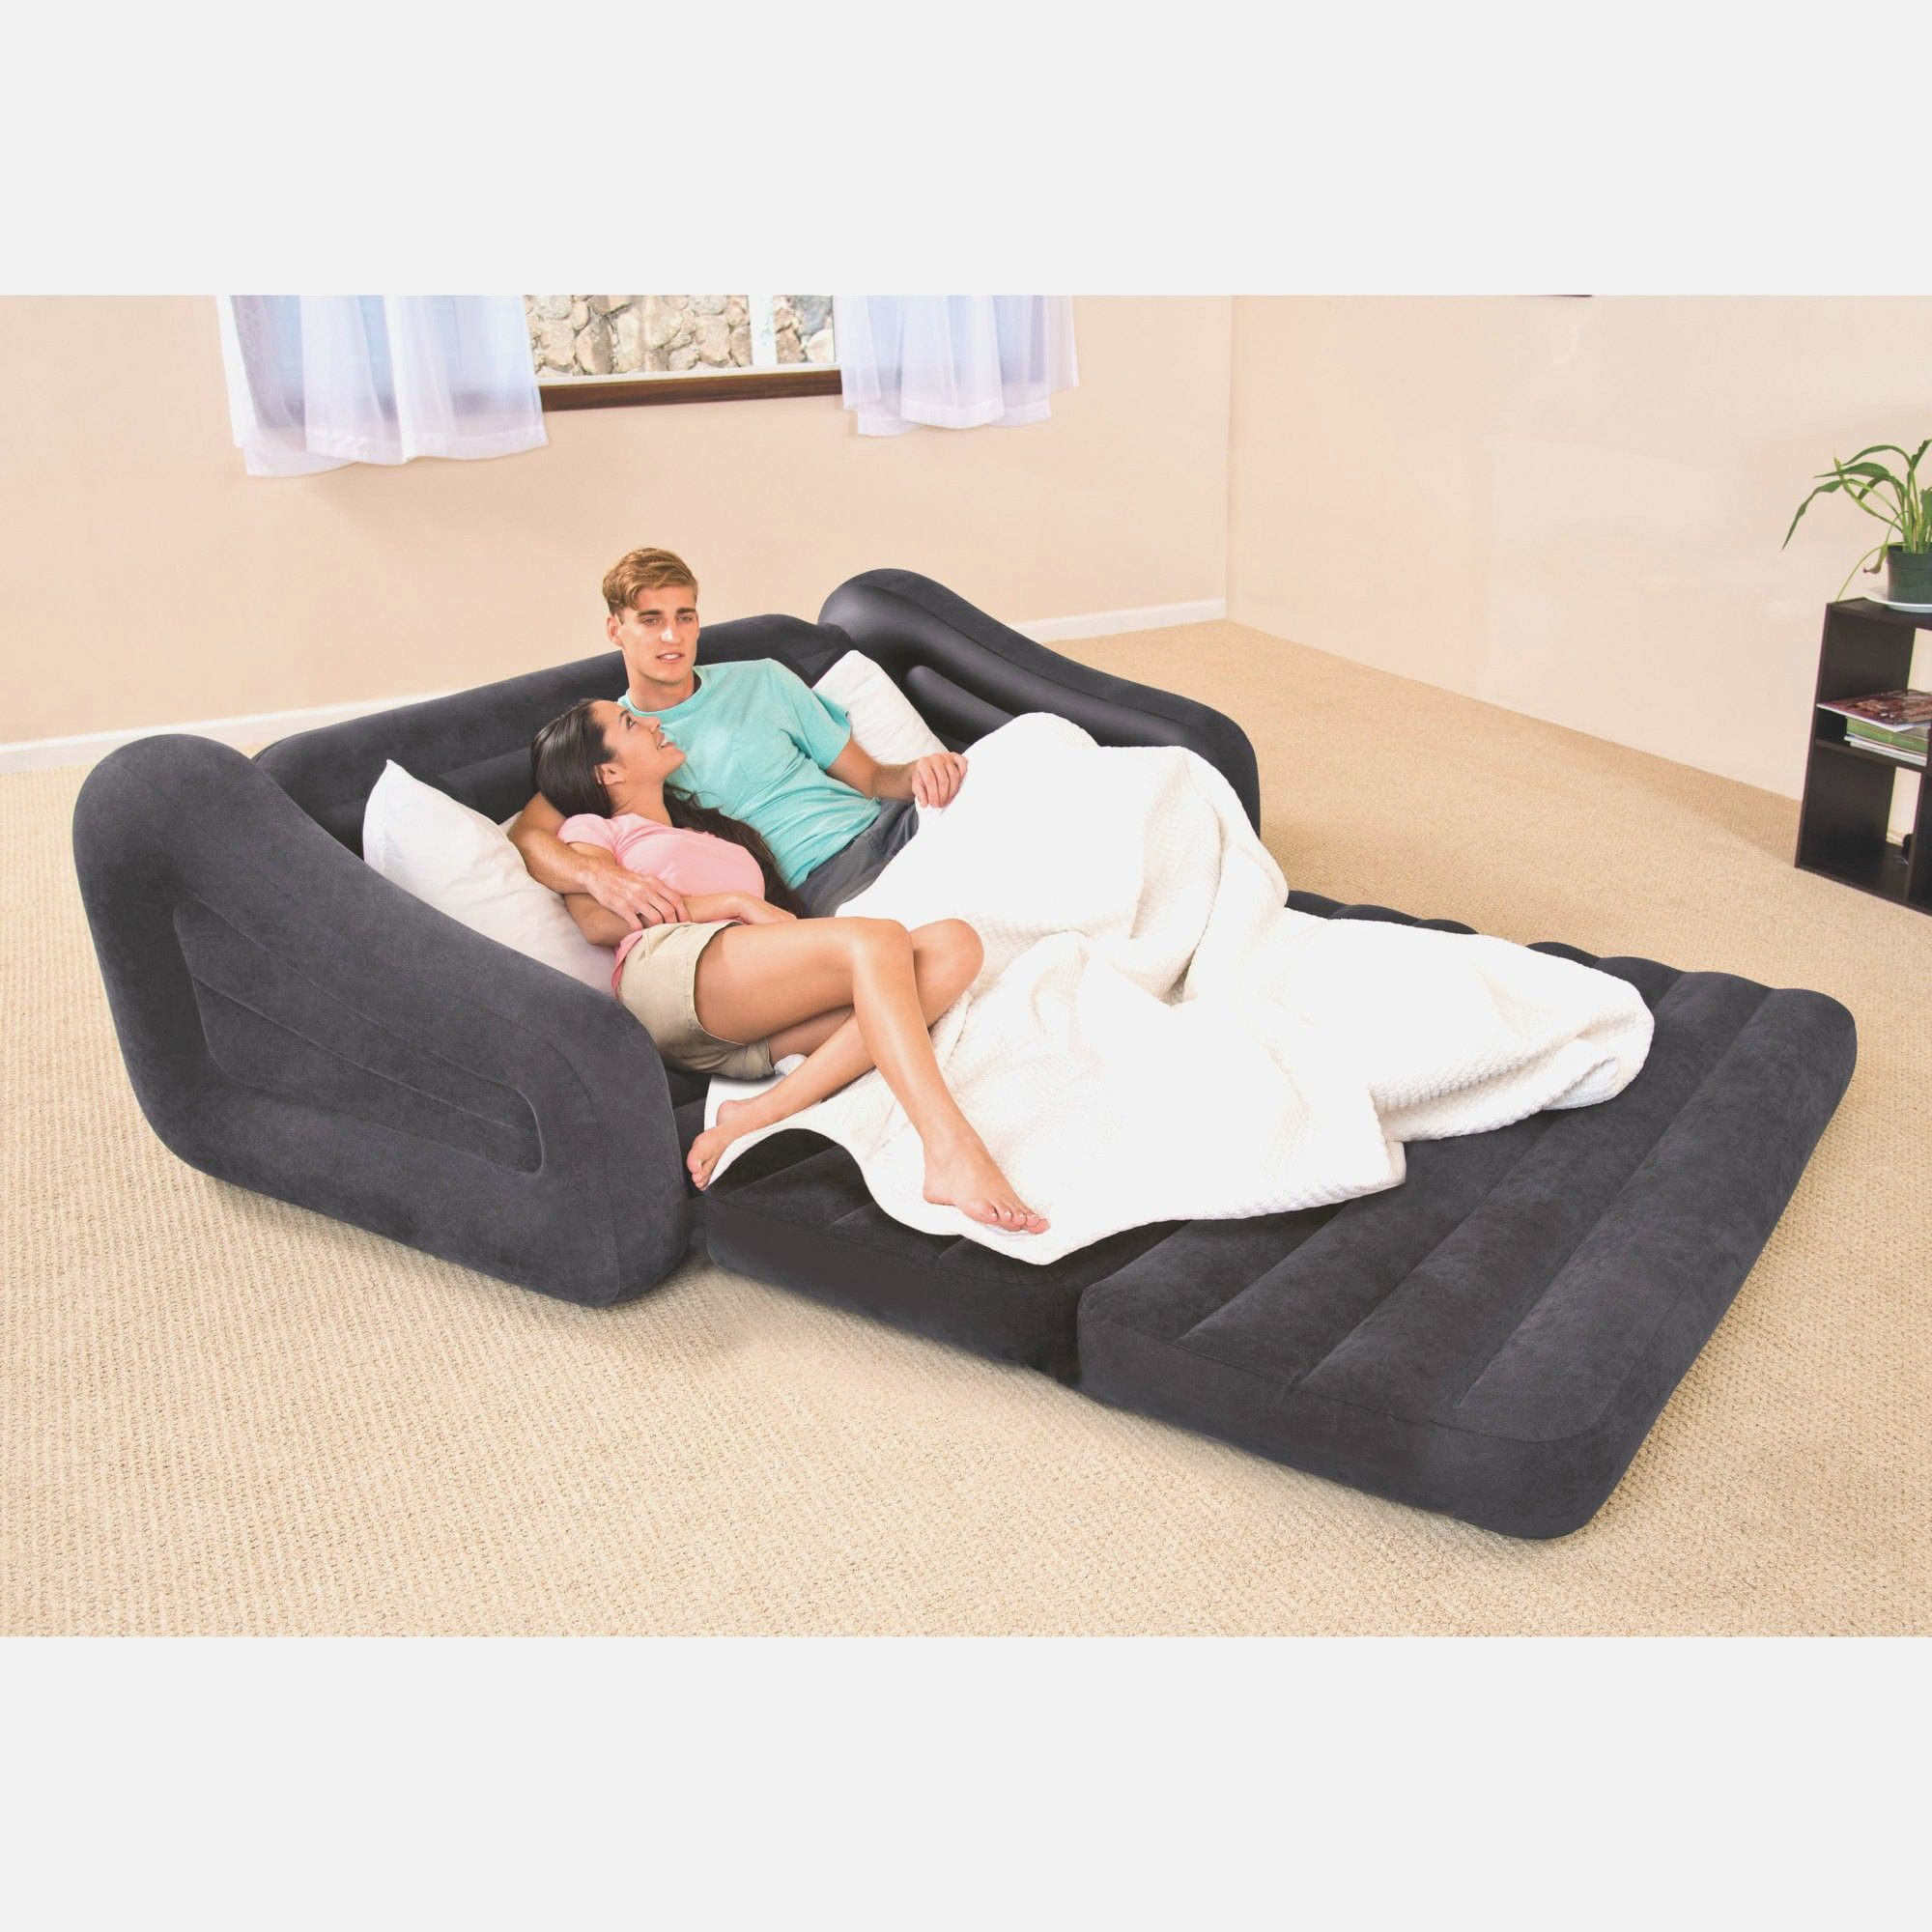 sofa bed at walmart ashley sofa bed 169 at walmart futon sofa bed